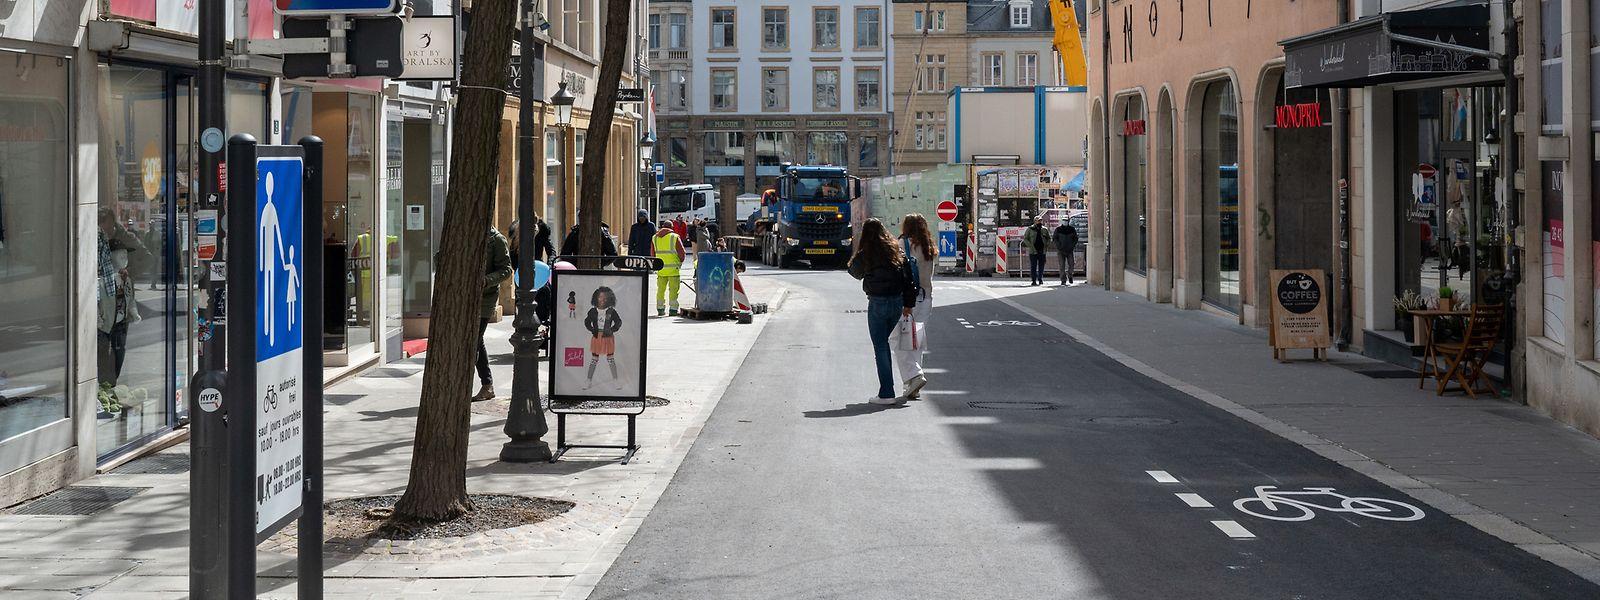 Les automobilistes ne peuvent plus dépasser les 20km/h sur cet axe du centre-ville.